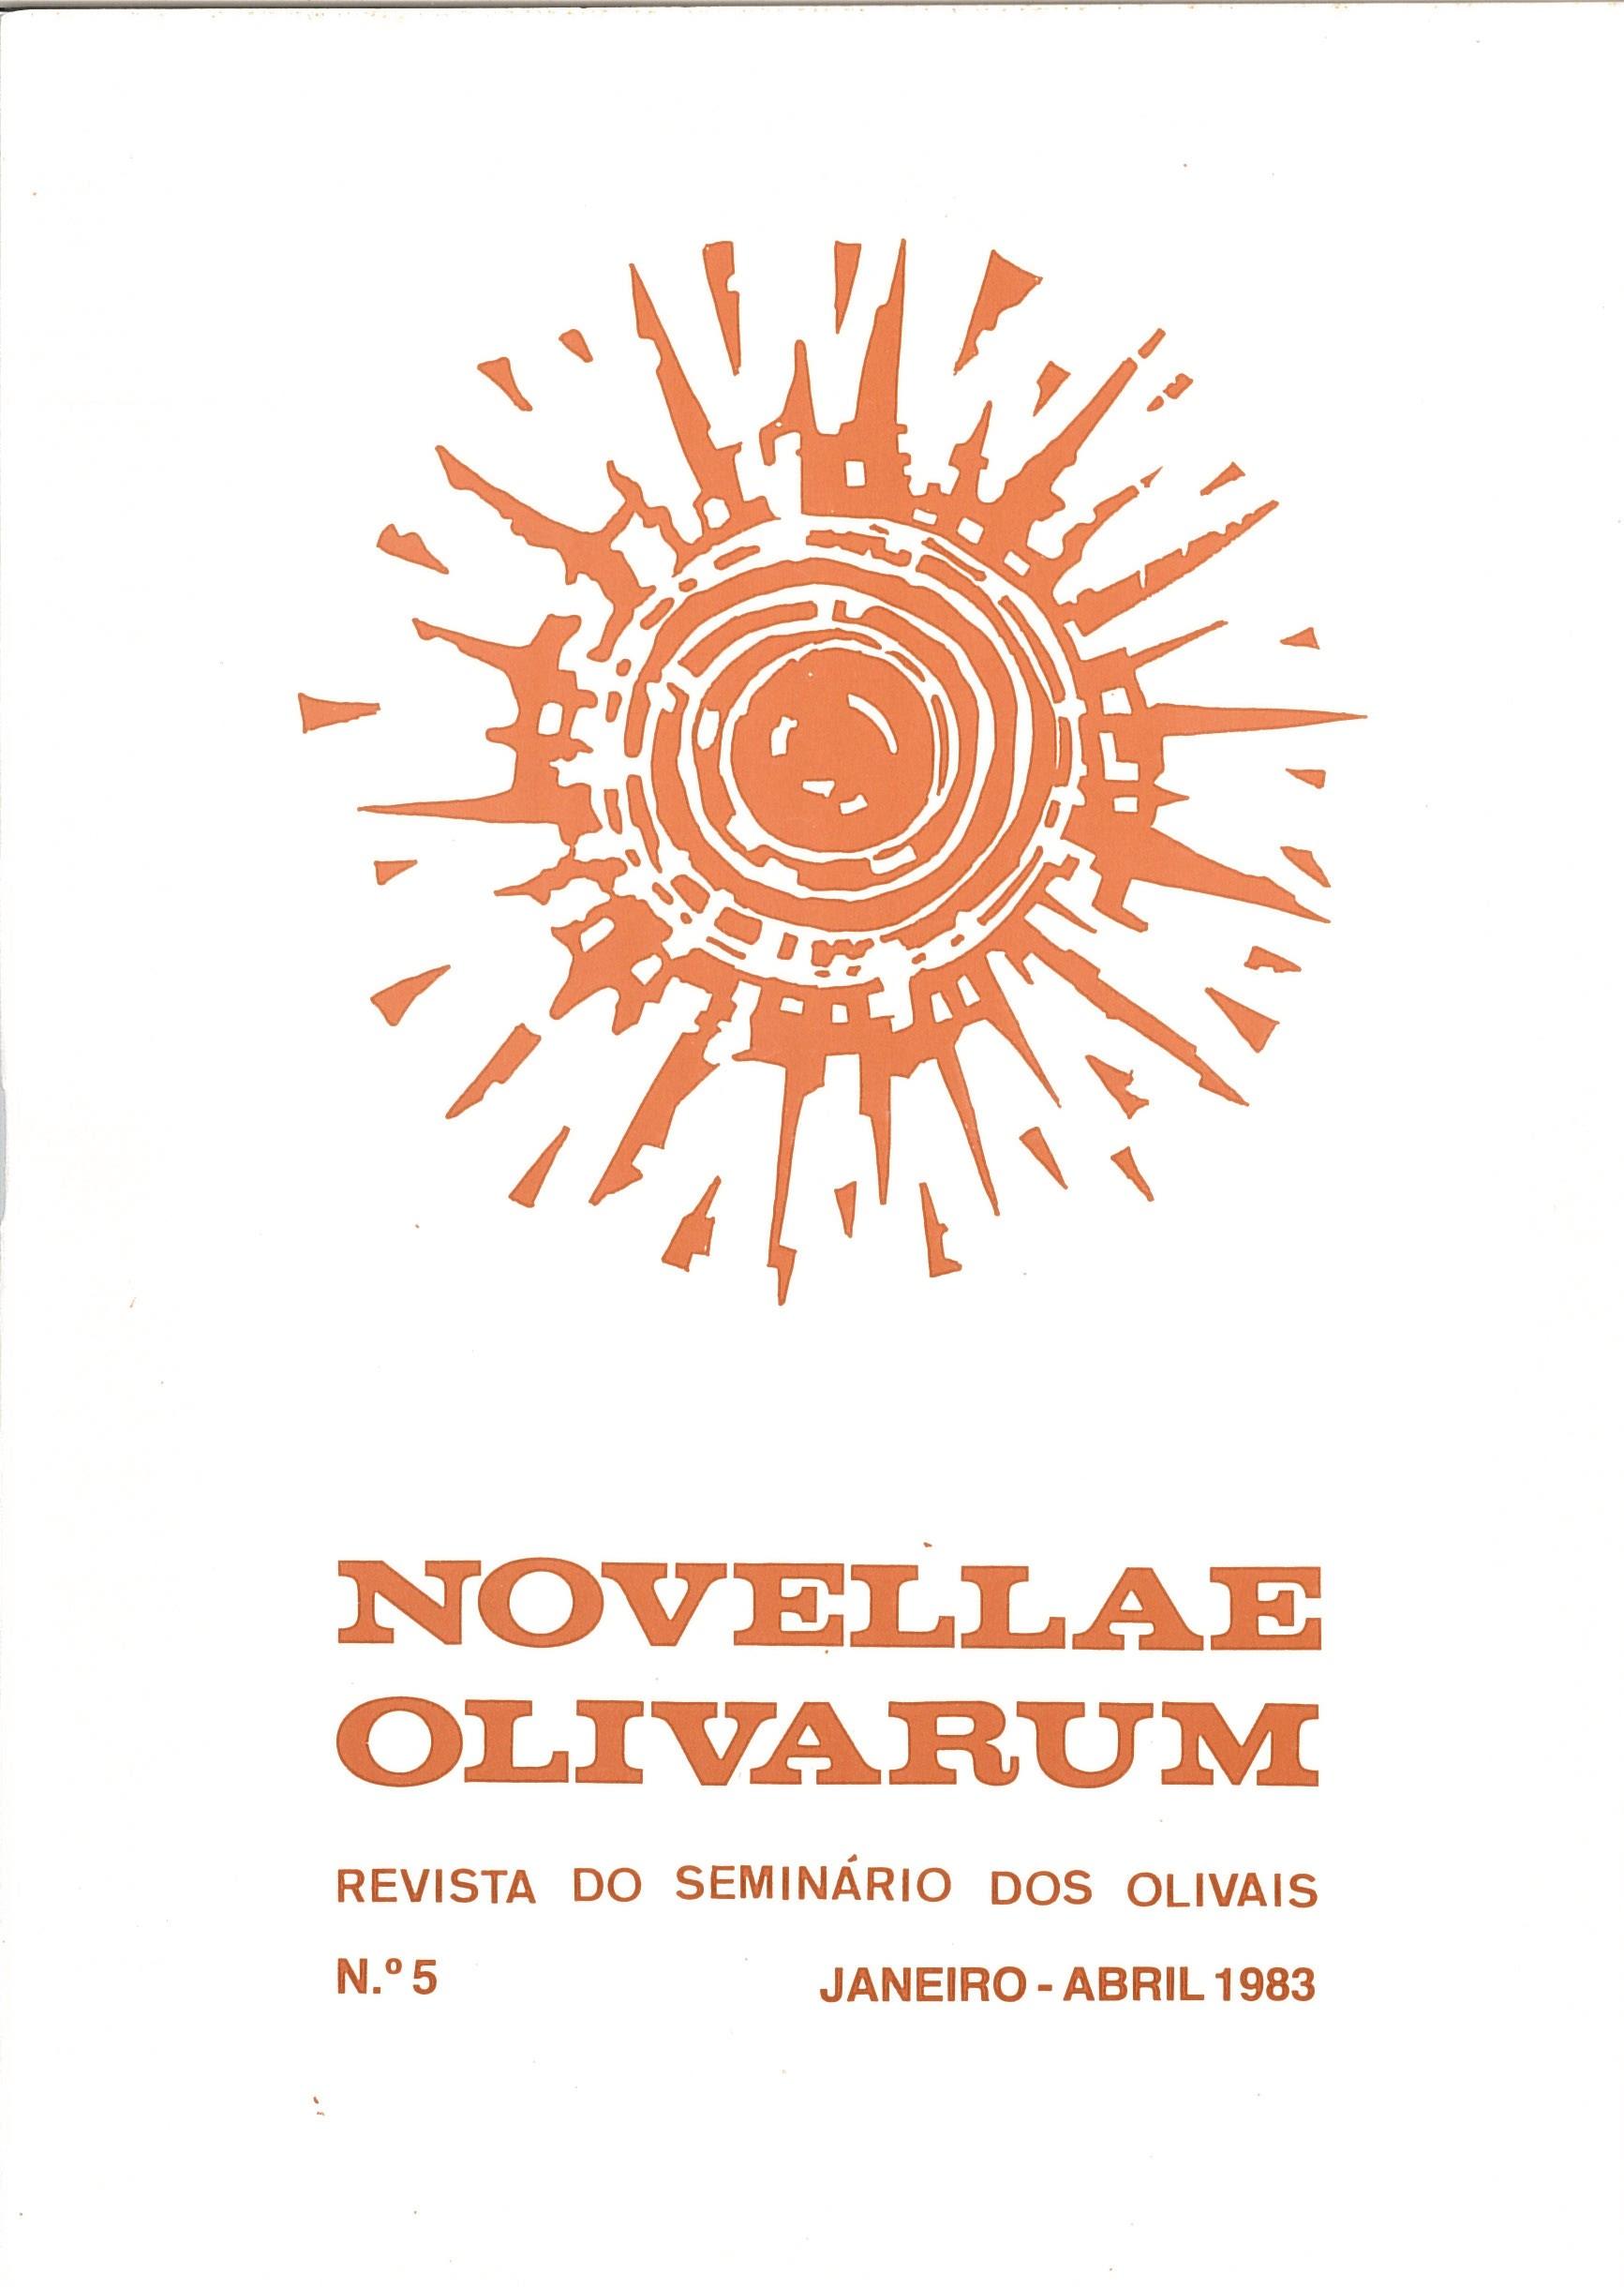 Revista Novellae Olivarum, nº 5 - Janeiro/Abril de 1983 (capa)